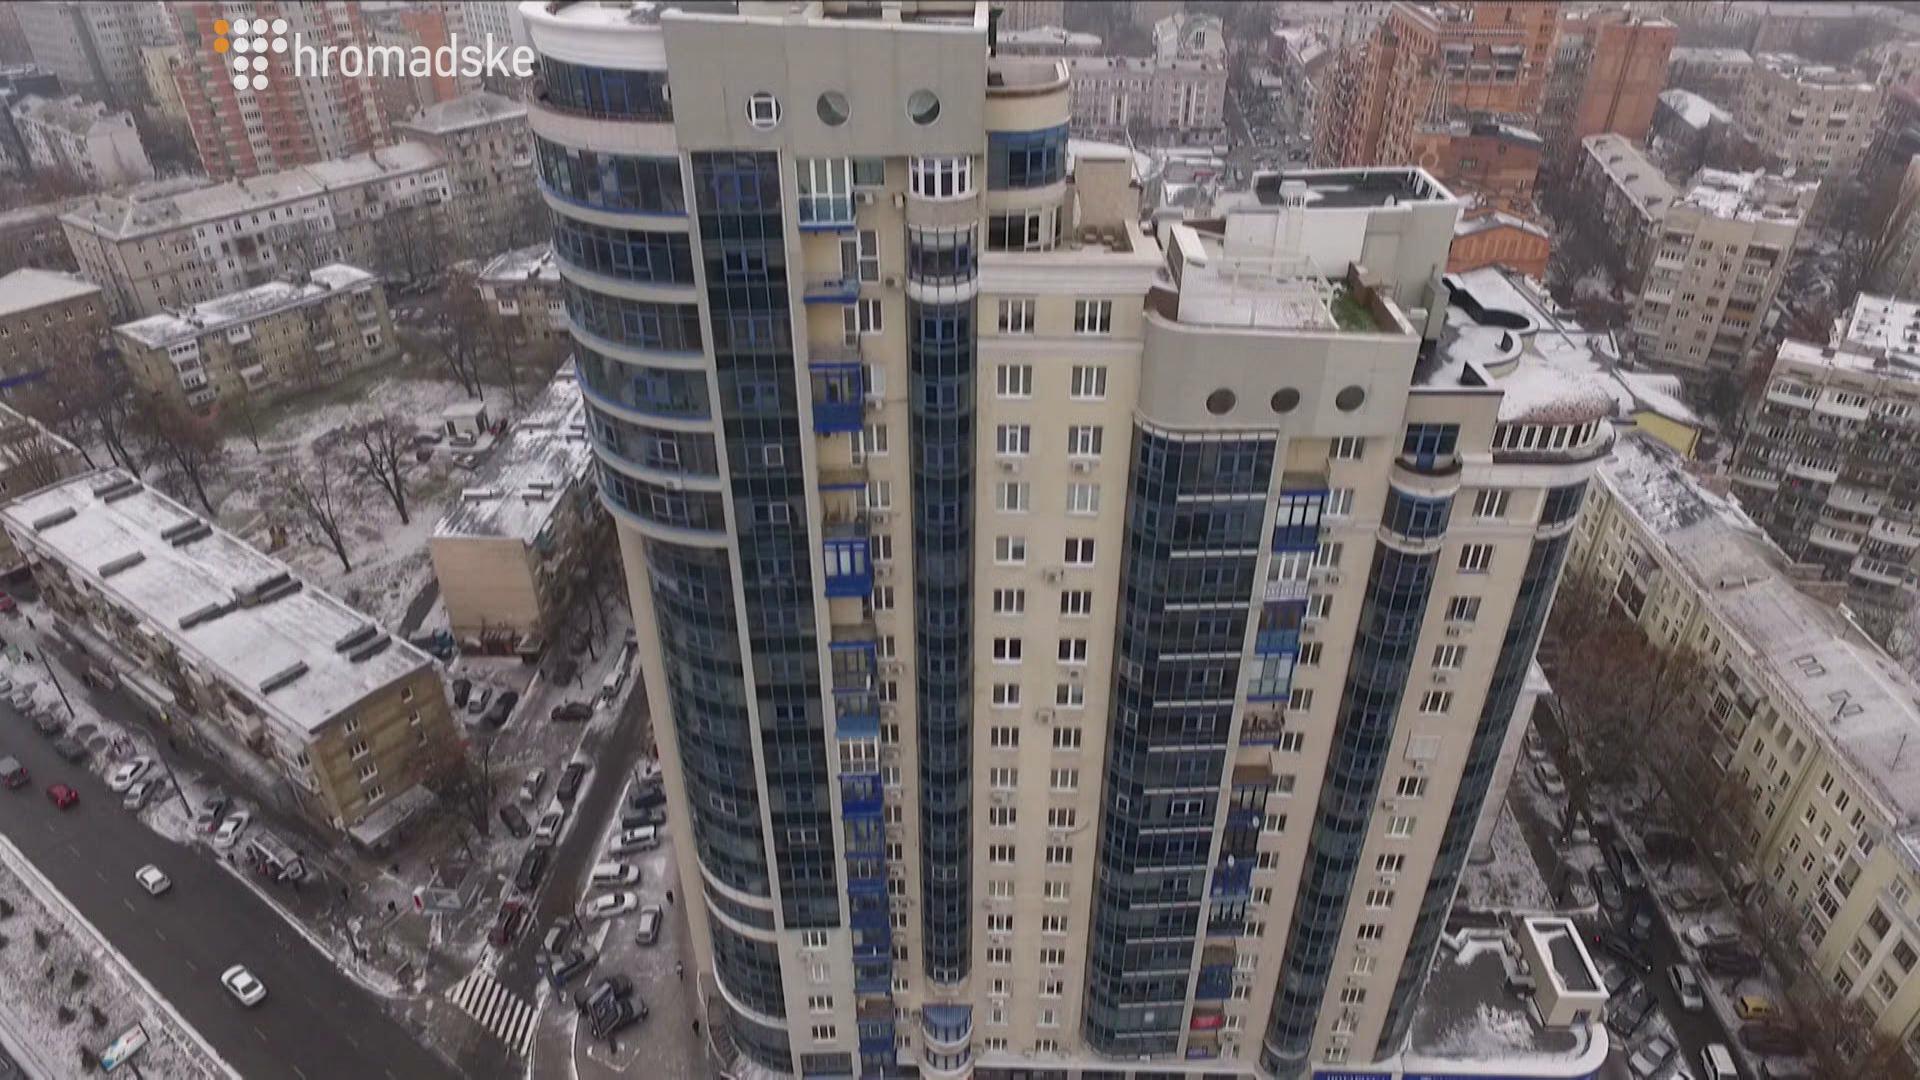 Дом на улице Московской, где находится 4-комнатная квартира Кириленко